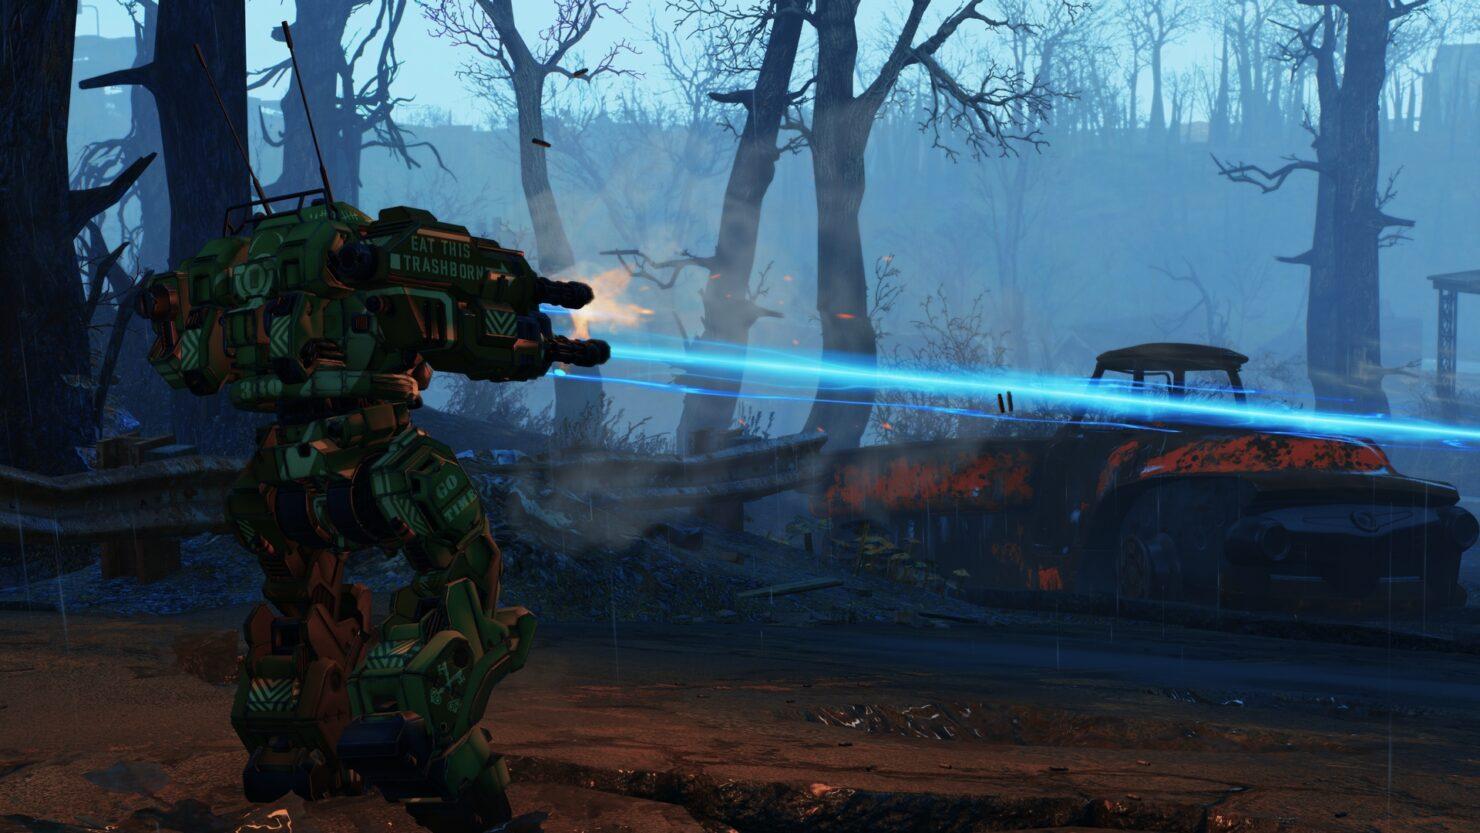 fallout-4-battle-mech-mod-4